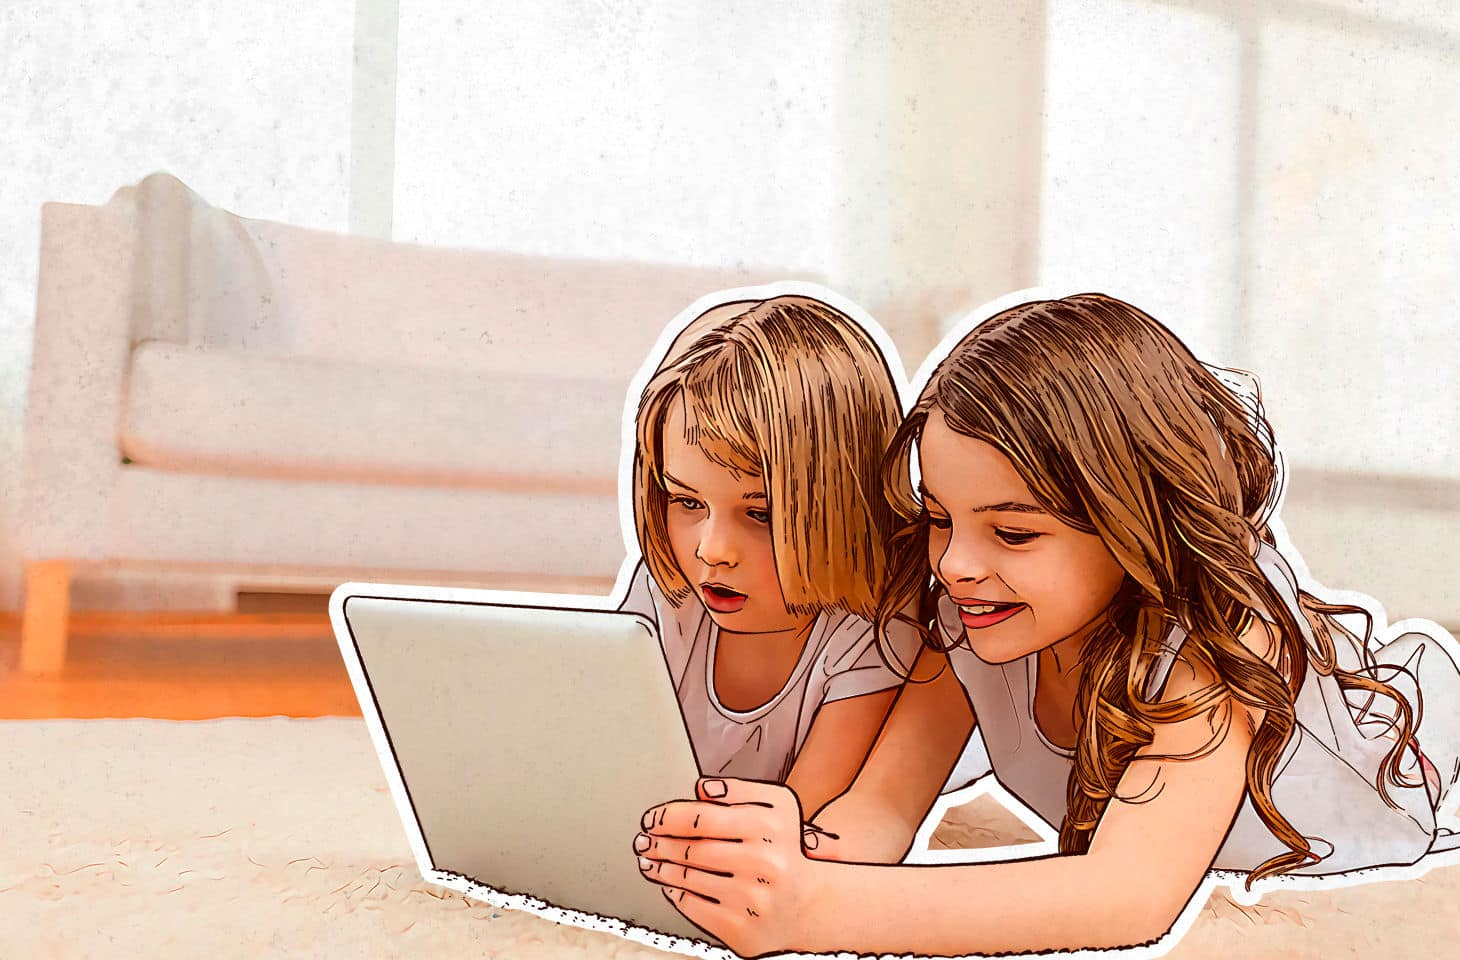 kaspersky comment proteger vos enfants des contenus indesirables sur ipad et iphone - Kaspersky: Comment protéger vos enfants des contenus indésirables sur iPad et iPhone ?